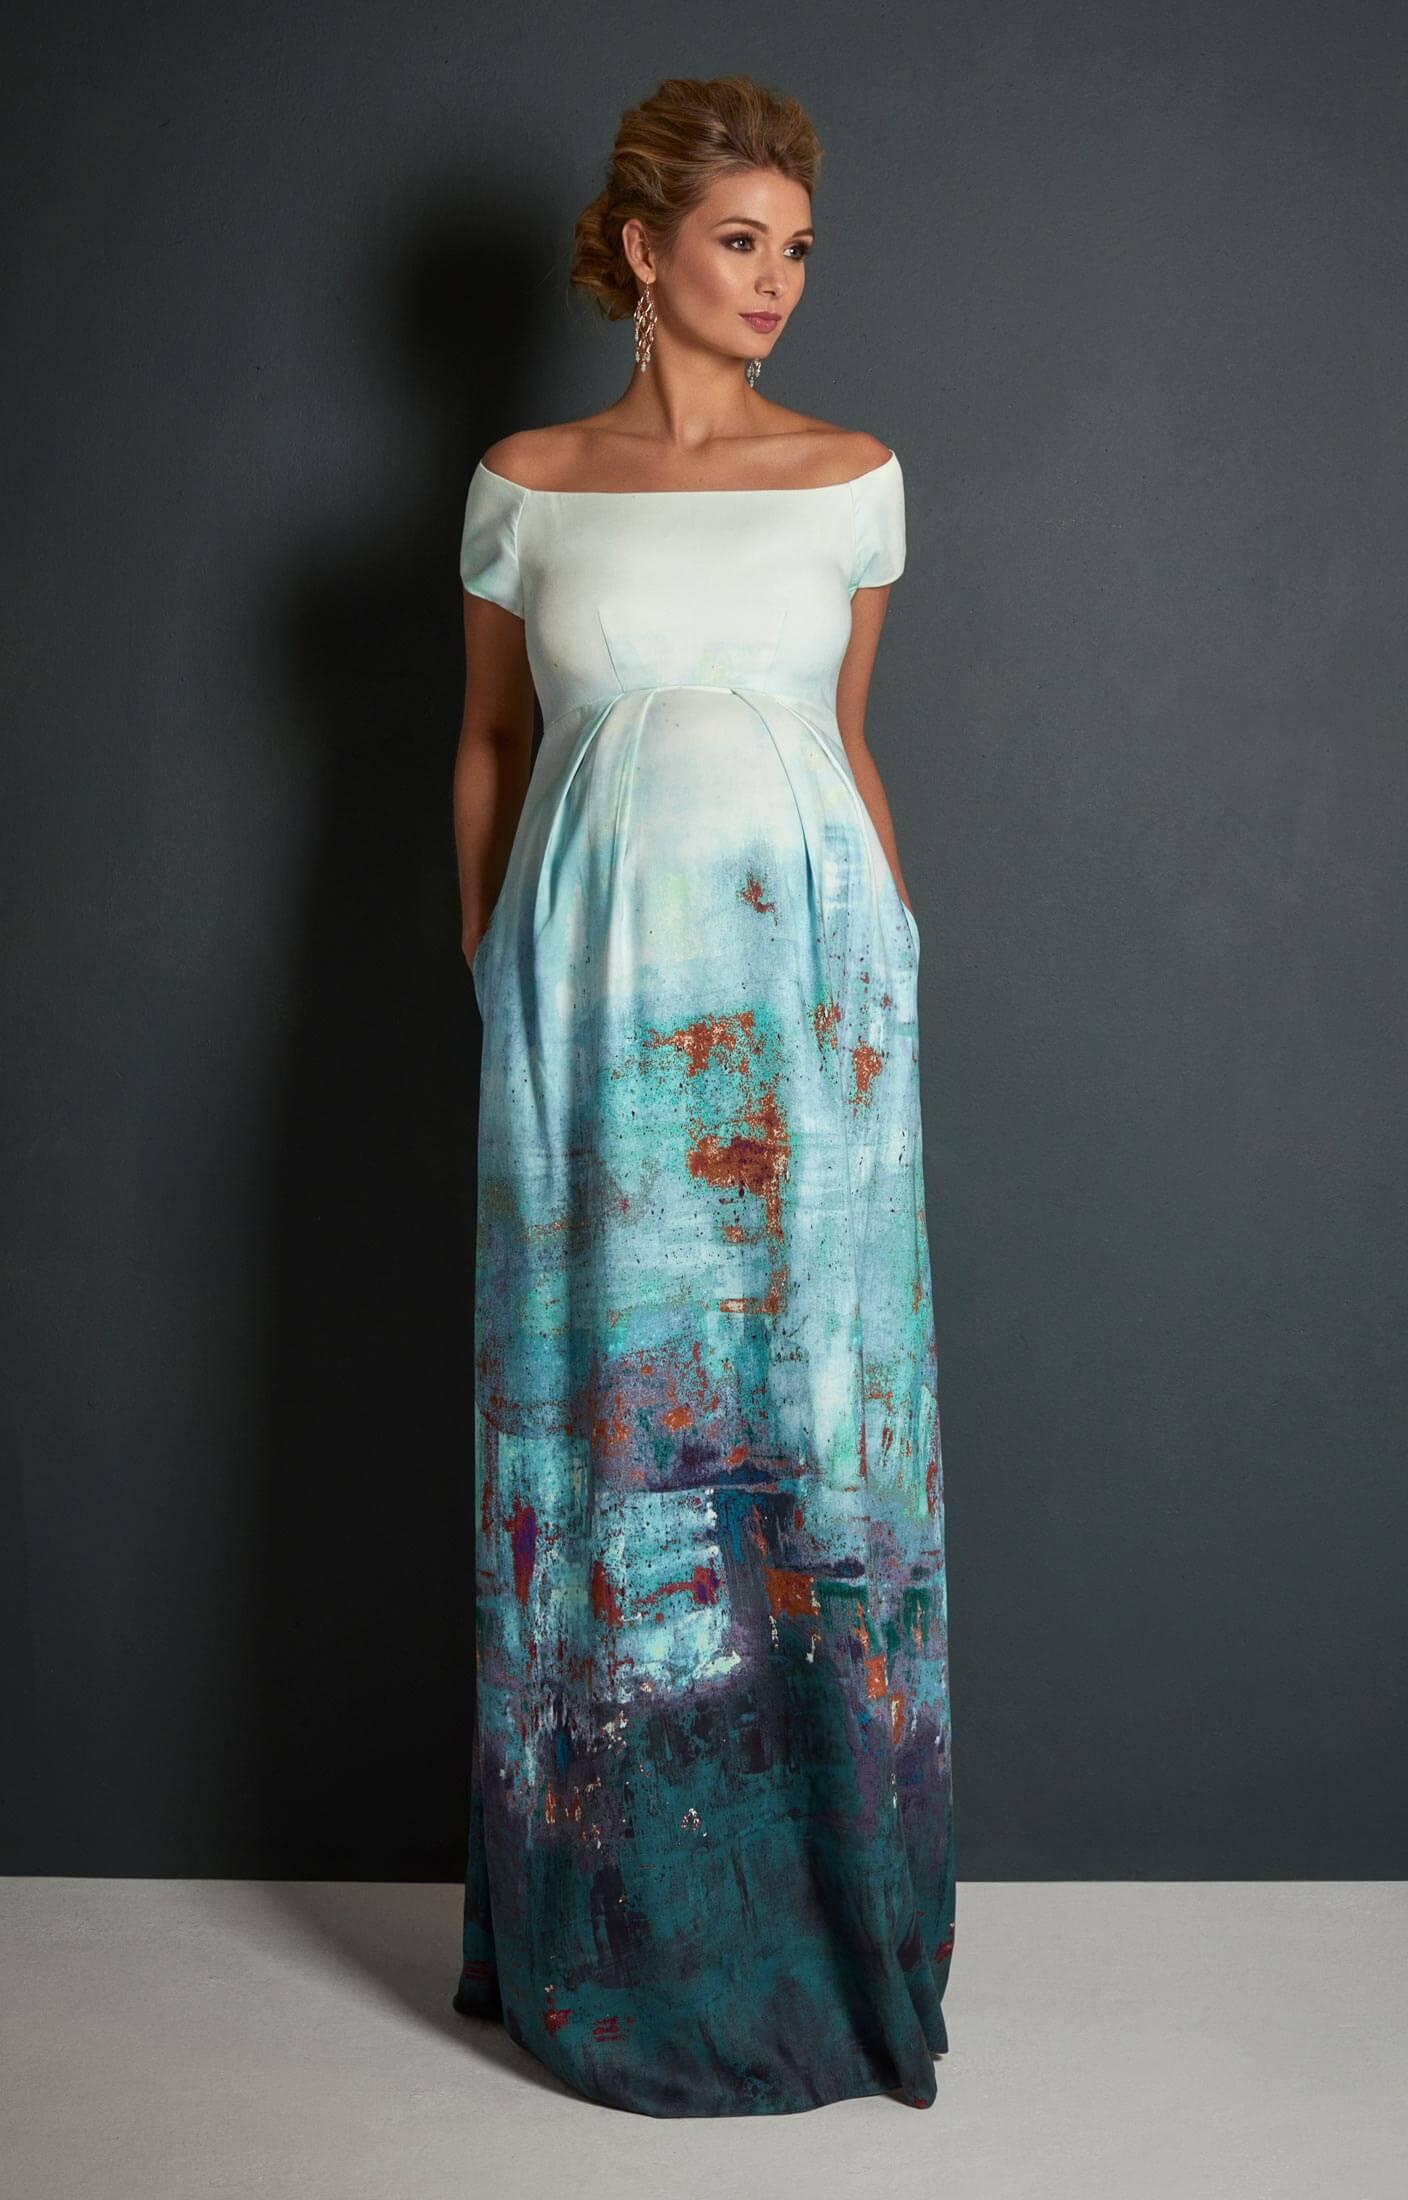 0f1a8c306fae Aria Off Shoulder Maternity Gown Aquatic Ombré - Maternity Wedding ...